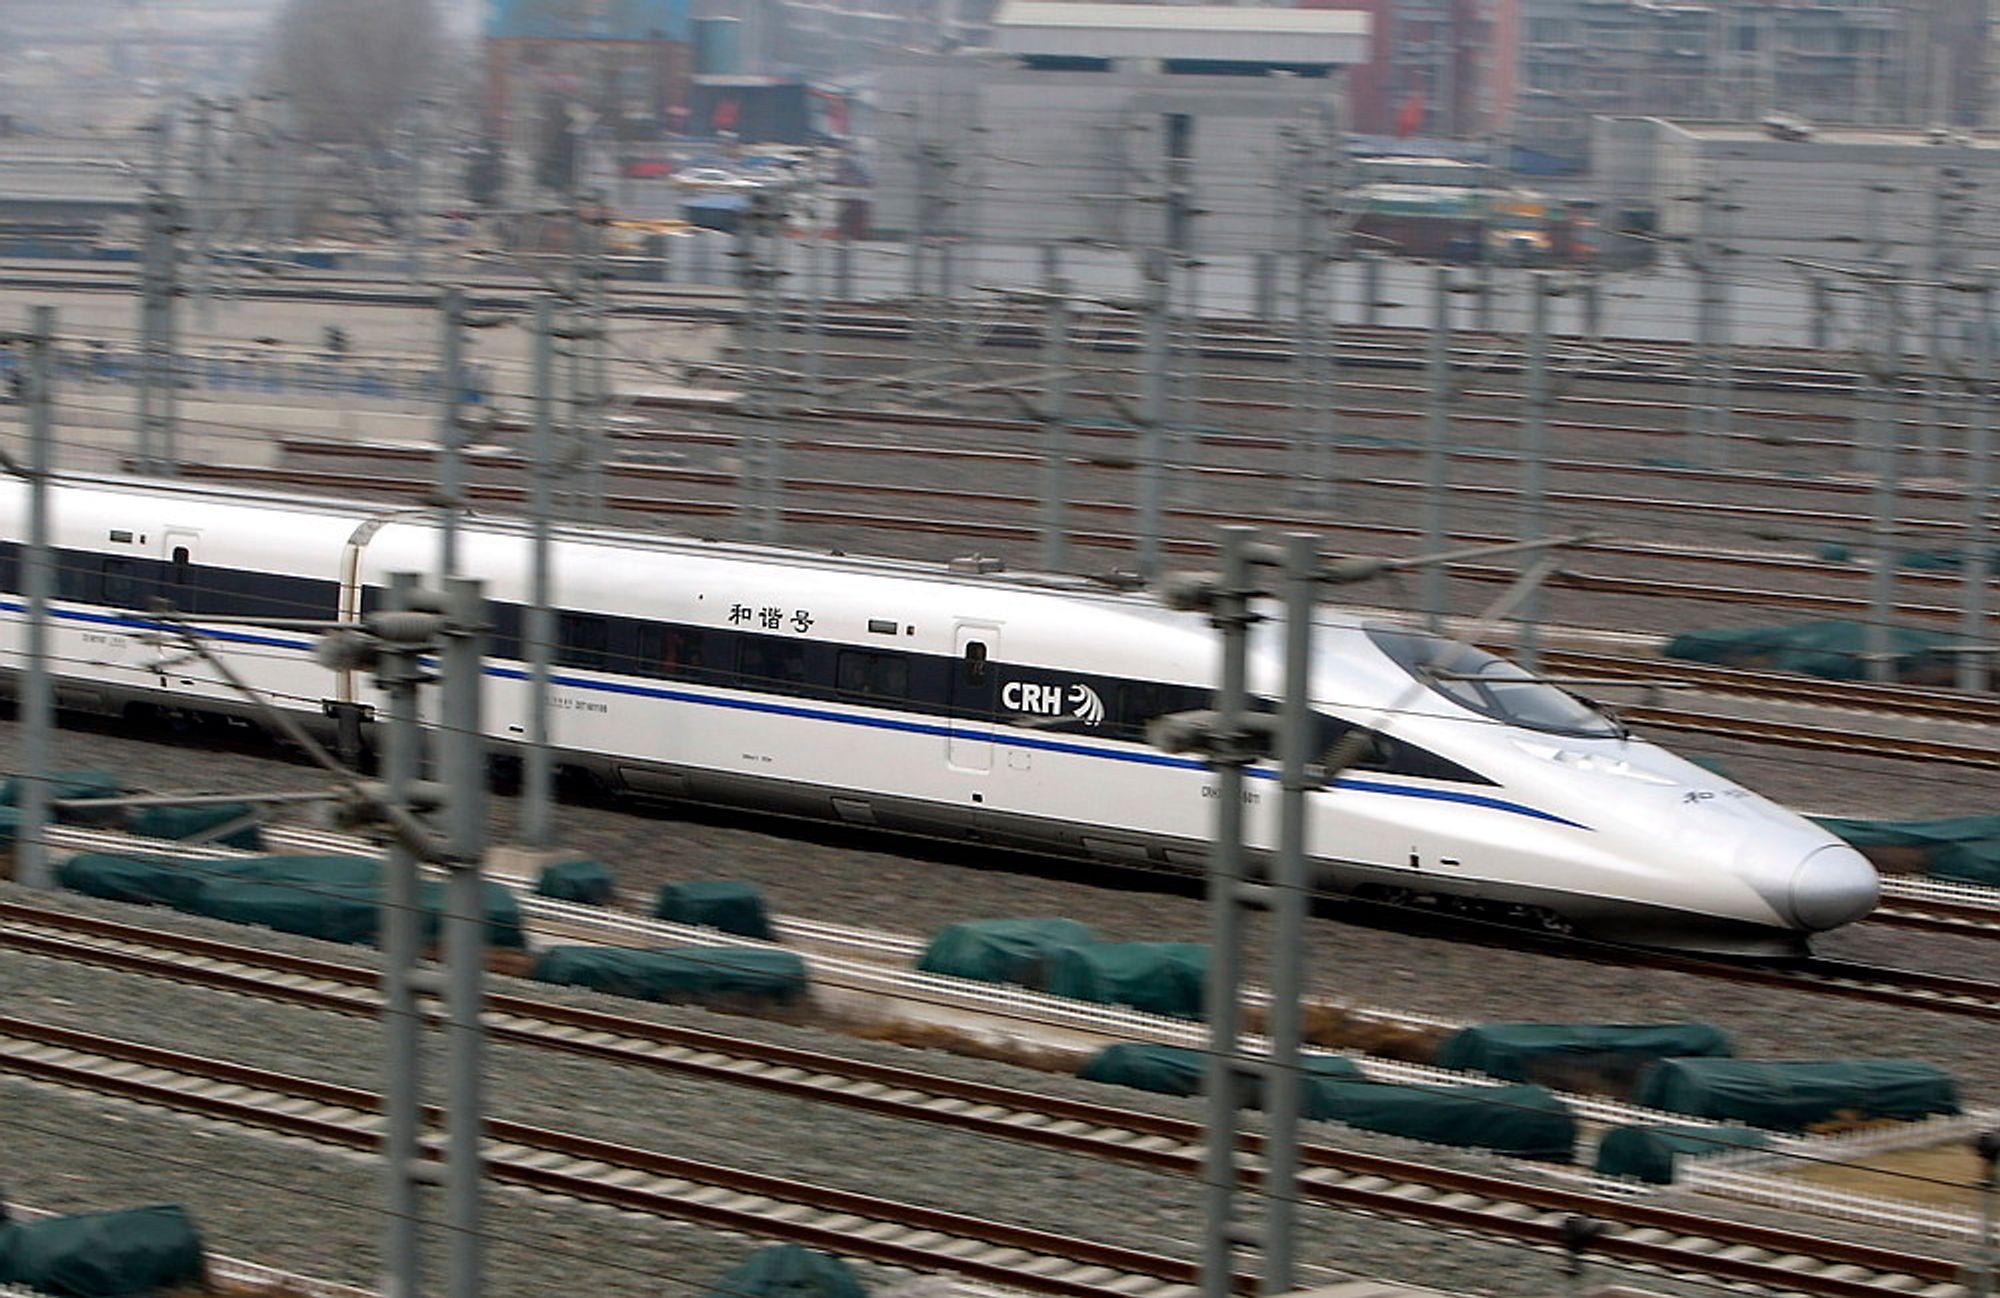 Kina har allerede bygd ut store strekninger for høyhastighetstog, og nye strekninger planlegges.